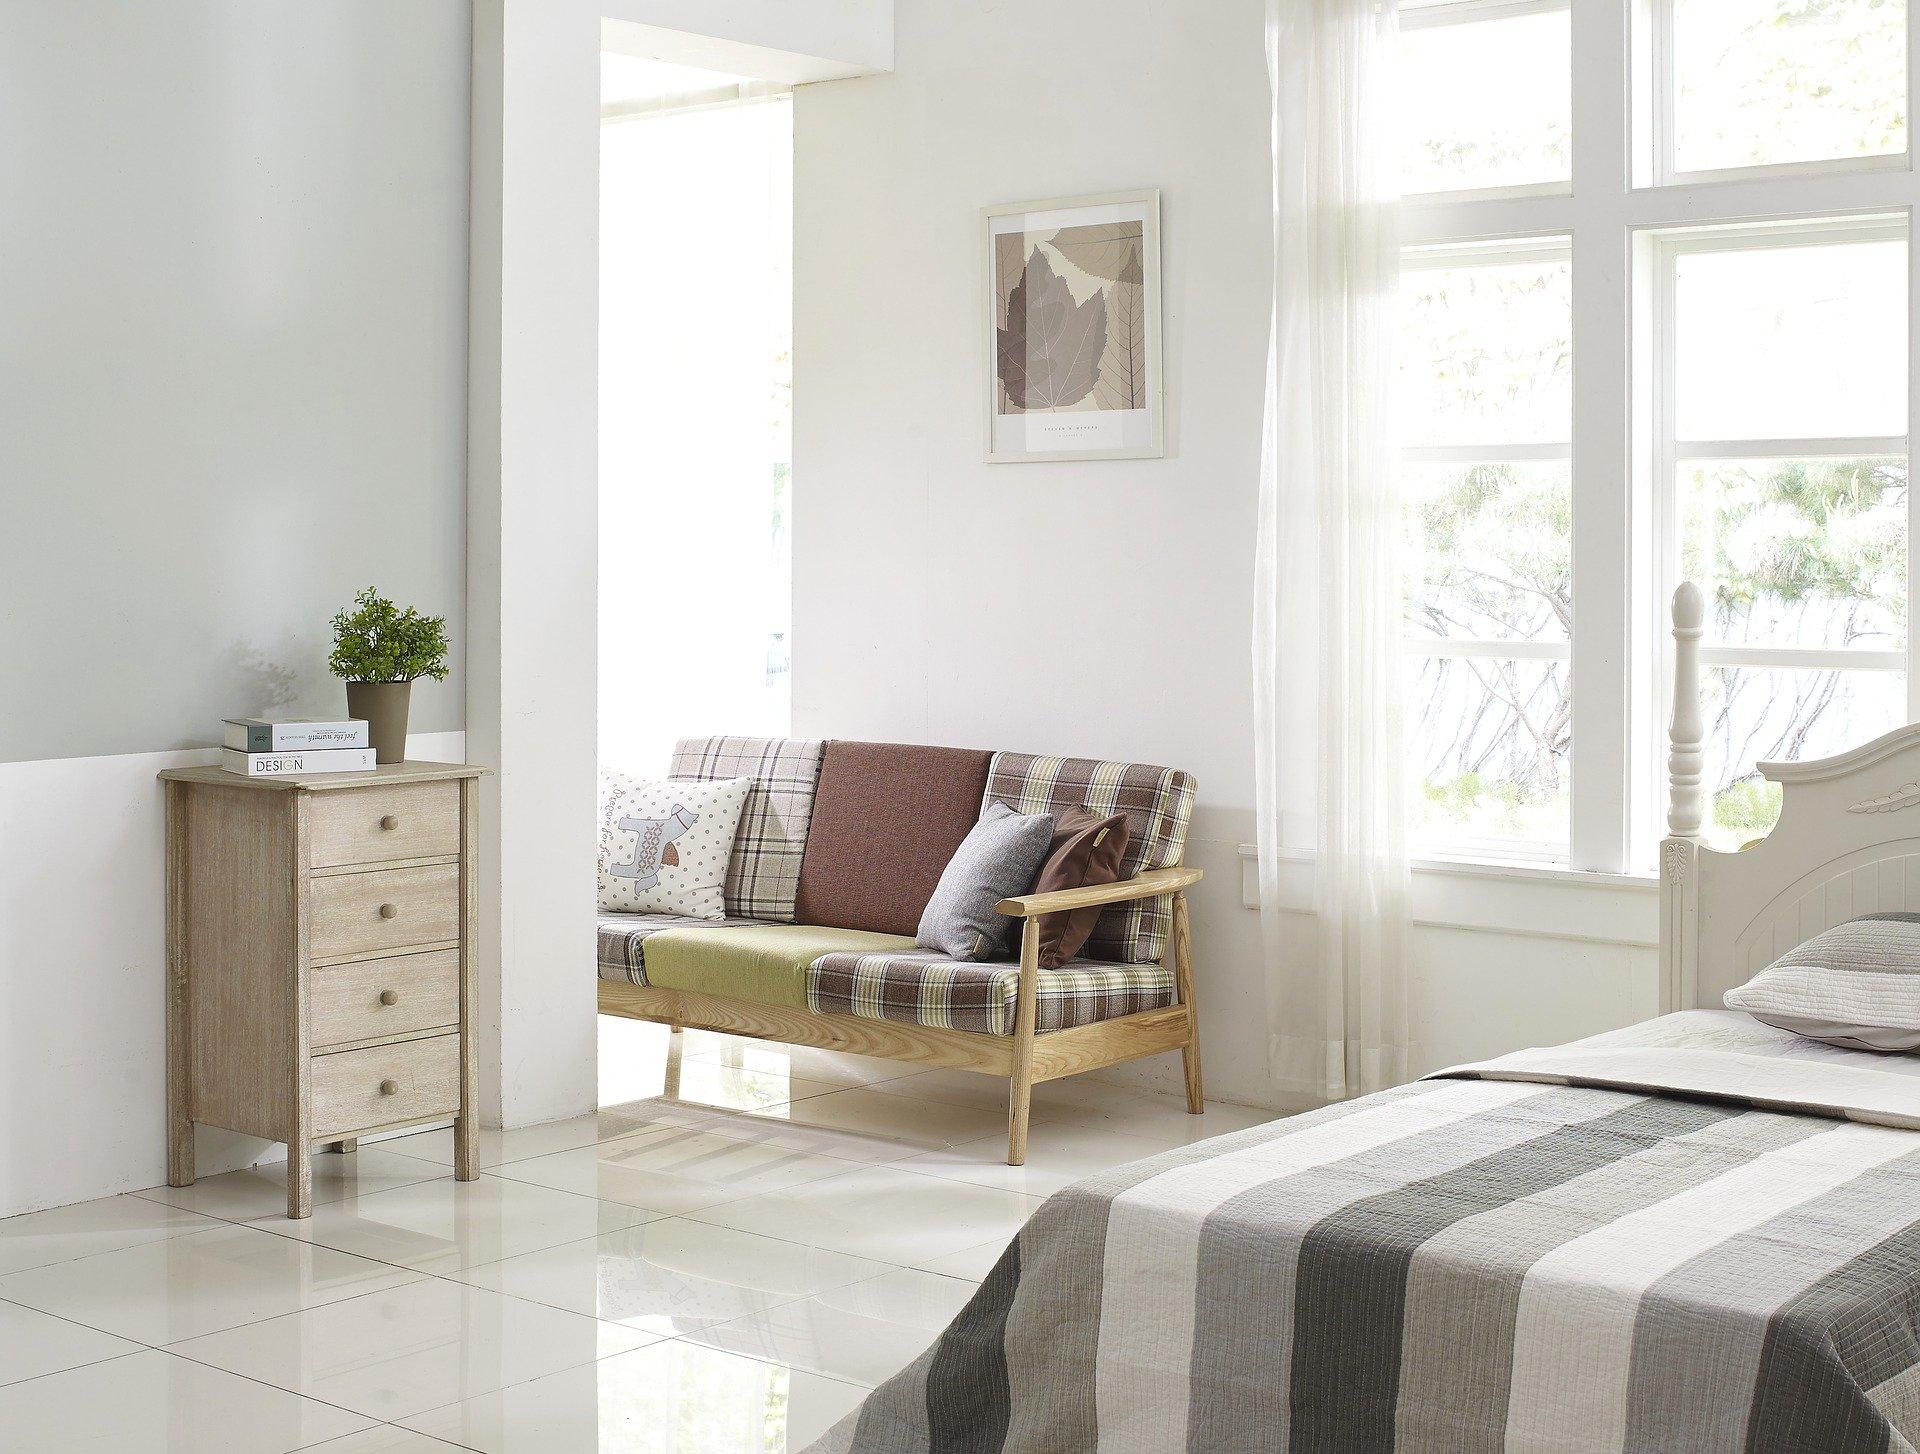 Qualità dell'aria in casa: le soluzioni per migliorarla